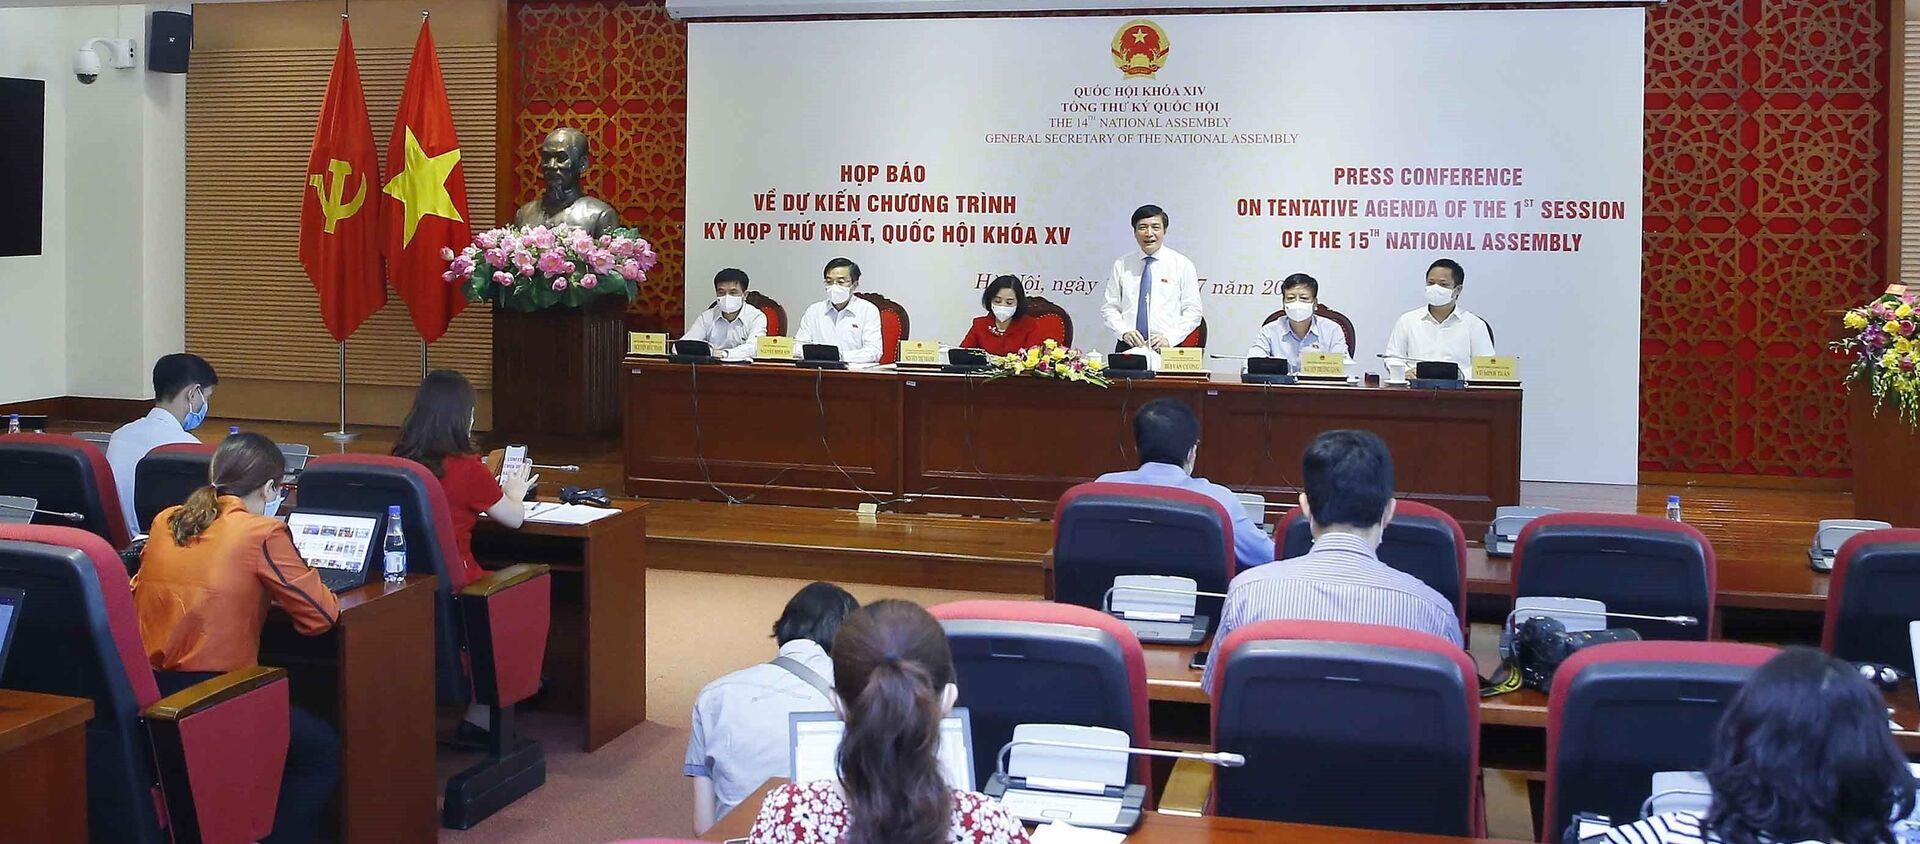 Họp báo về dự kiến chương trình Kỳ họp thứ nhất, Quốc hội khóa XV - Sputnik Việt Nam, 1920, 17.07.2021